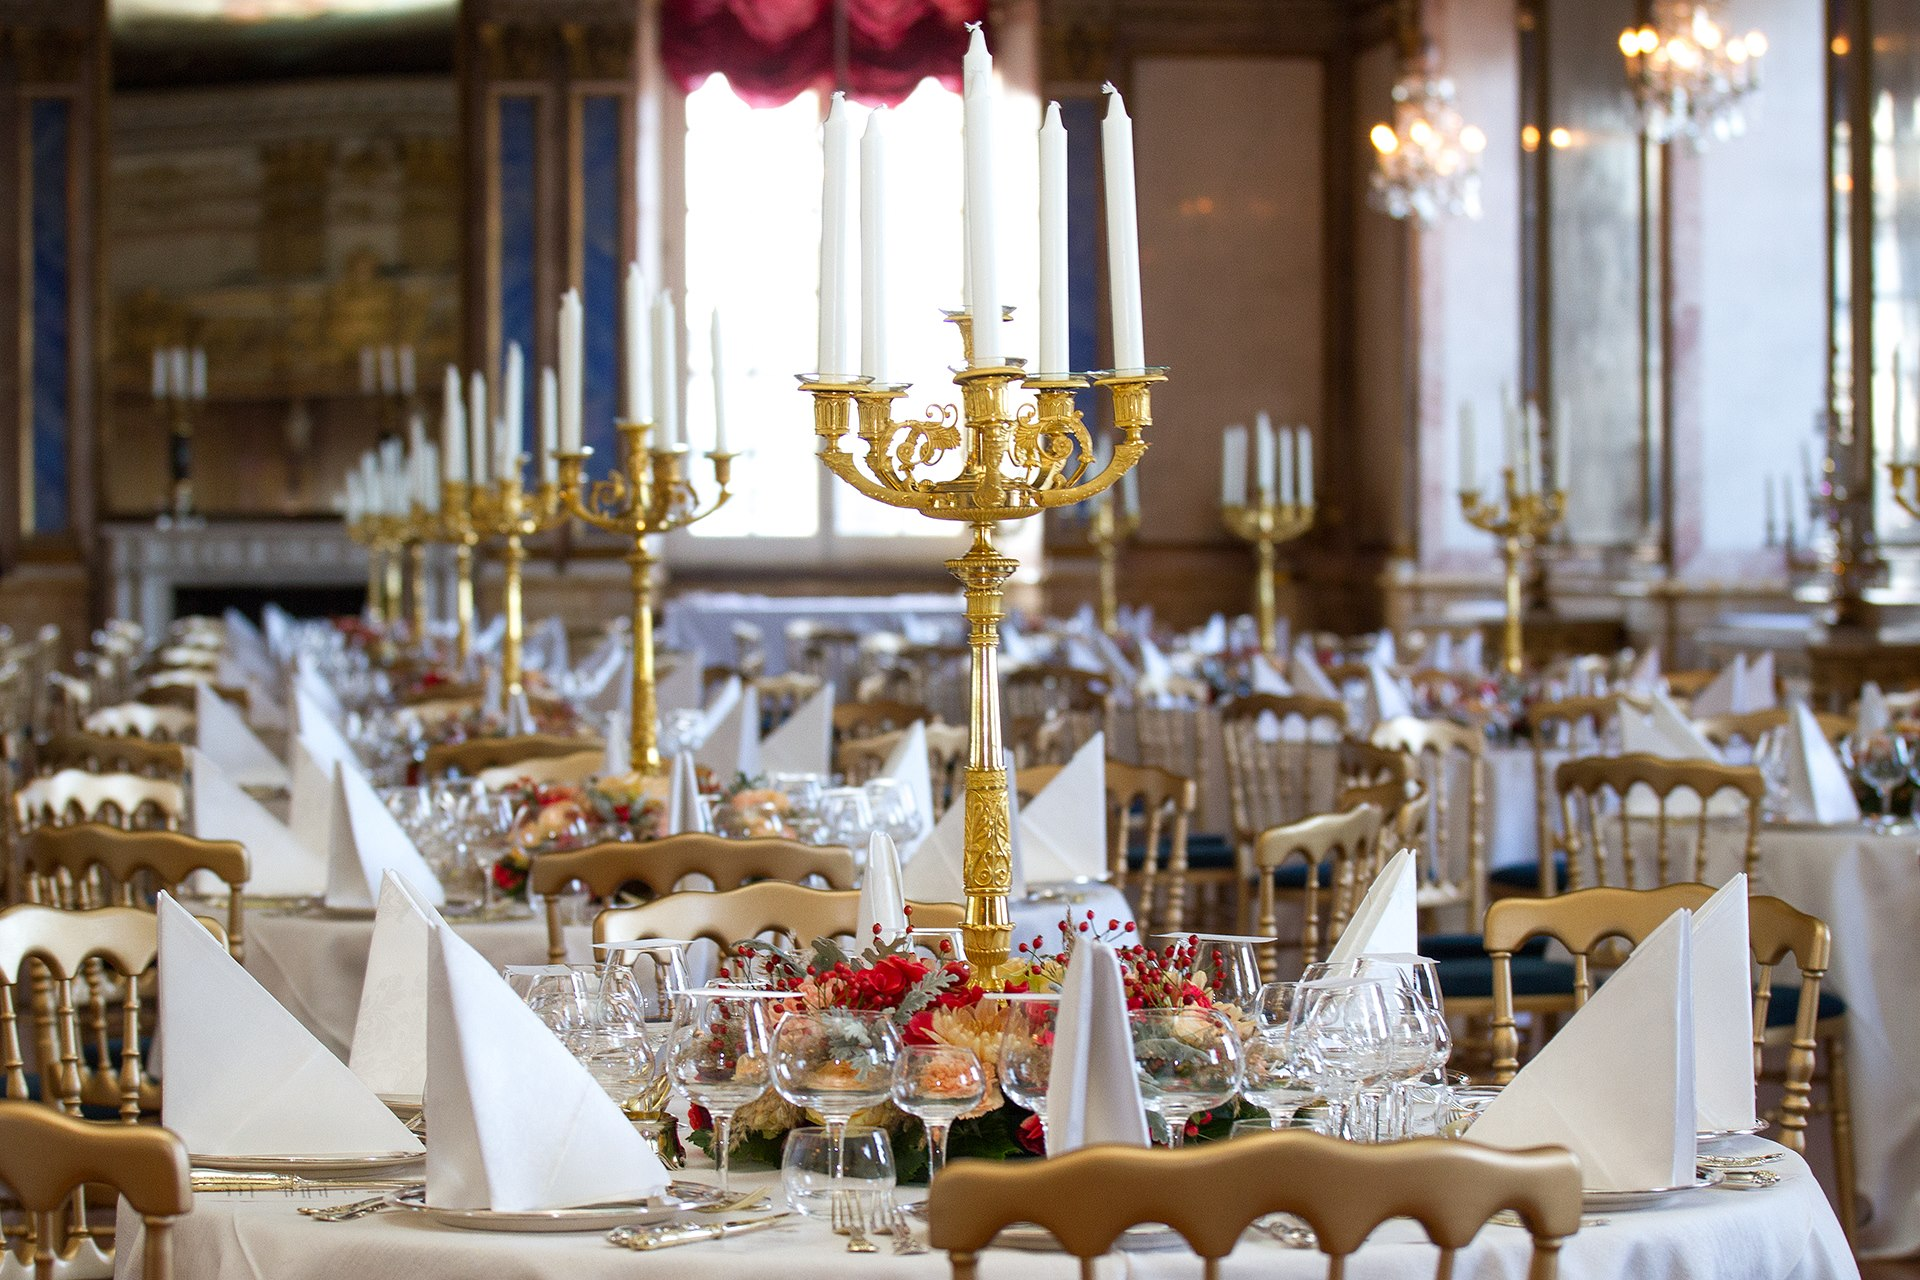 Was für ein Anblick! An diesen herrlich gedeckten Tischen wurde gespeist.  ©Henrik Garlöv/Kungahuset.se